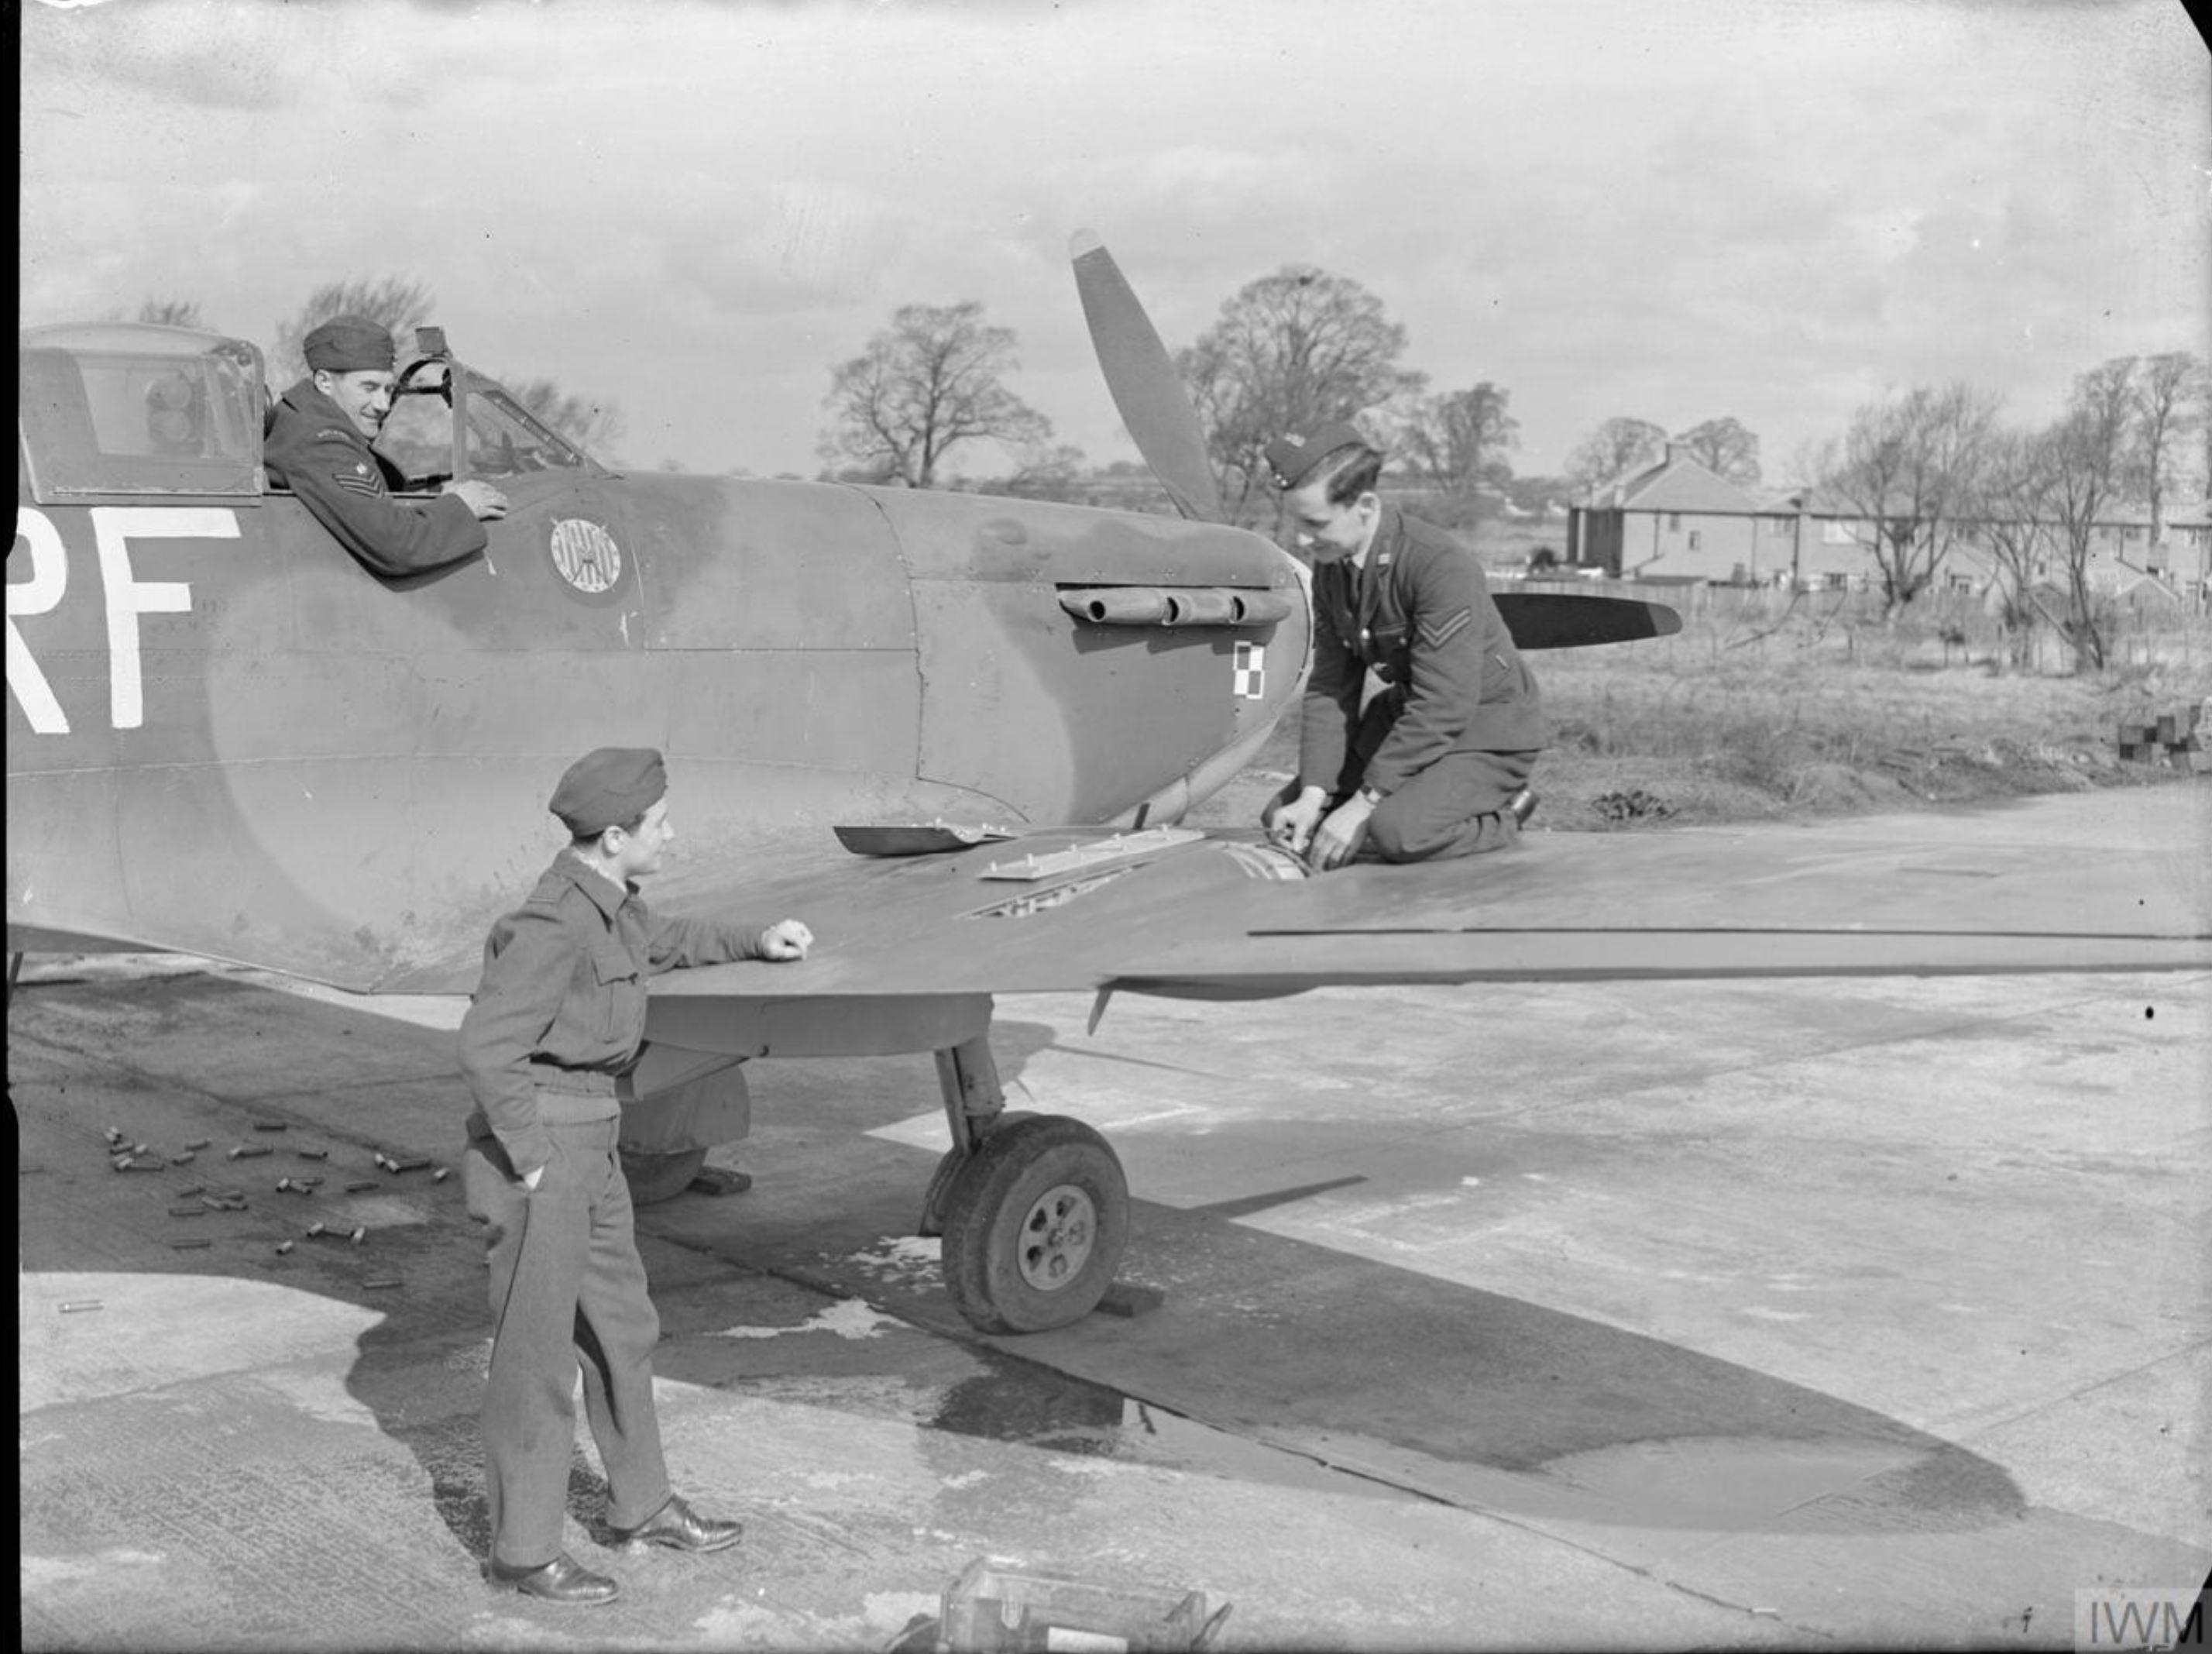 Spitfire Vb RAF 303Sqn gun test at RAF Northolt IWM CH5506